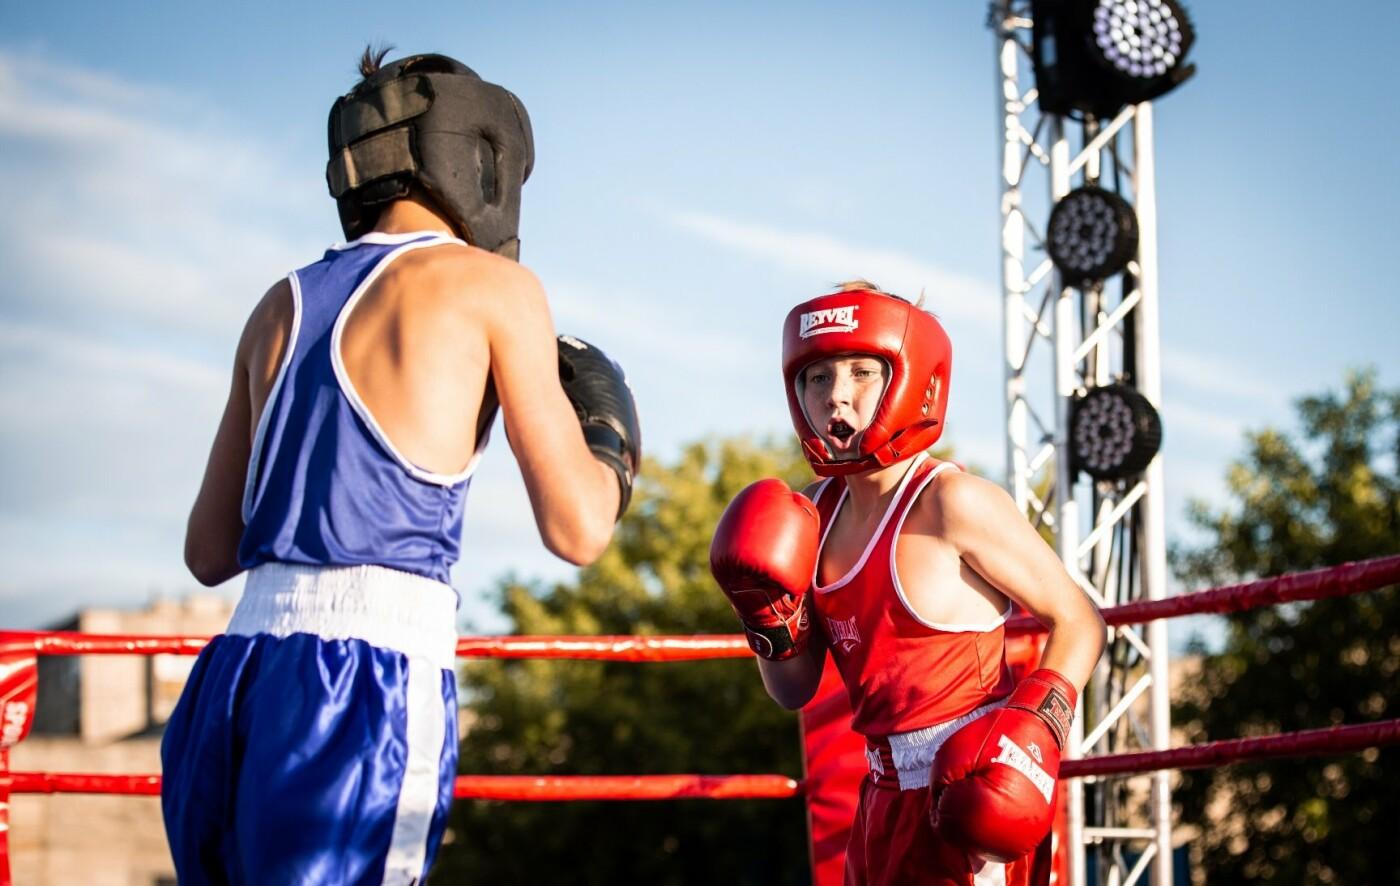 В Лисичанске прошел боксерский турнир памяти отца и сына Назаренко и концерт группы Армия, фото-15